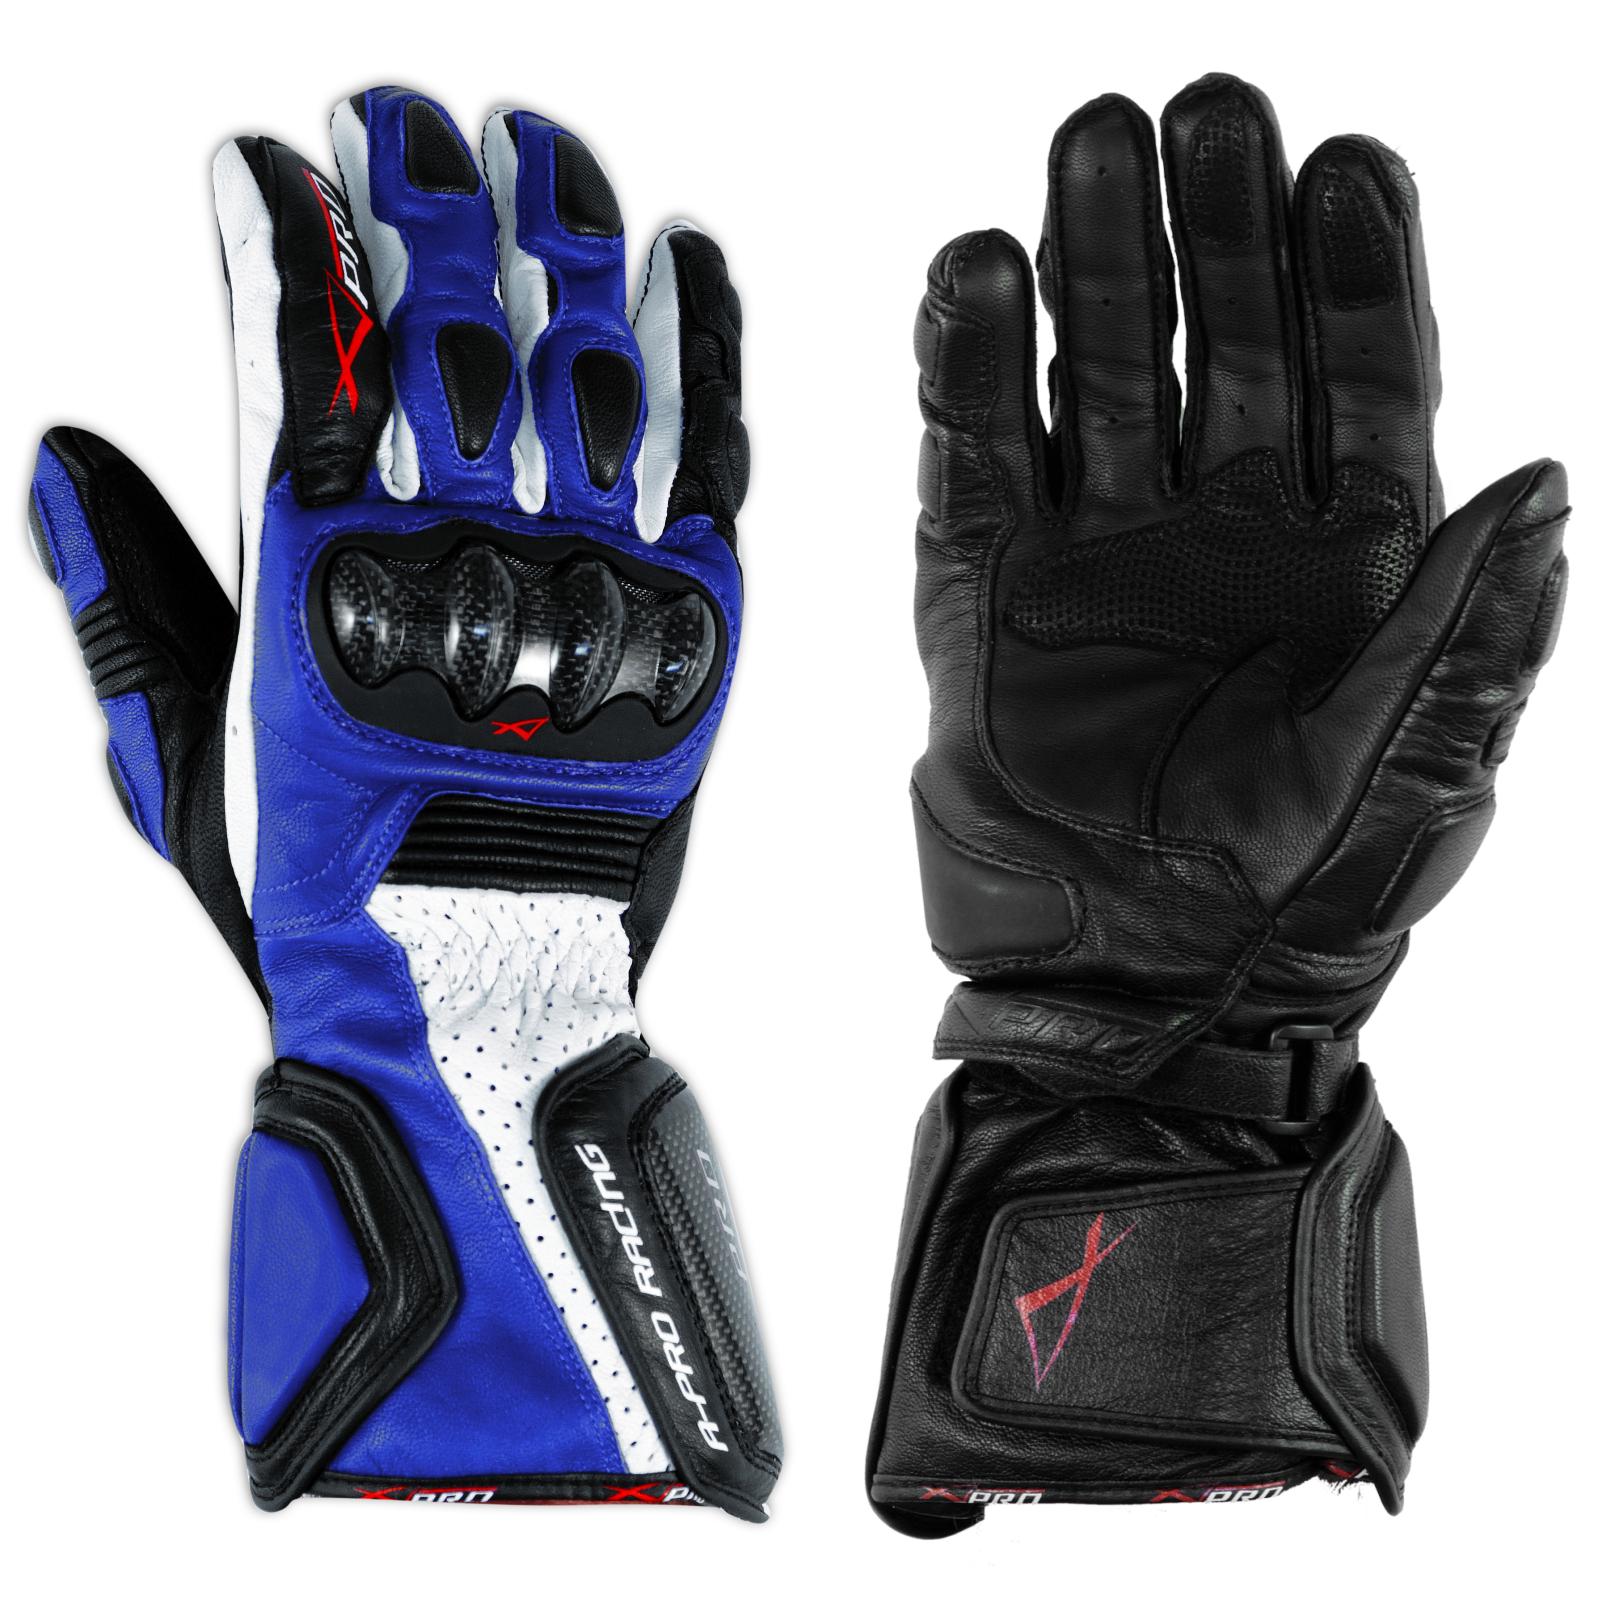 Guanto-Sportivo-Pista-Moto-Tecnico-Protezioni-Carbonio-Professionale-Pelle